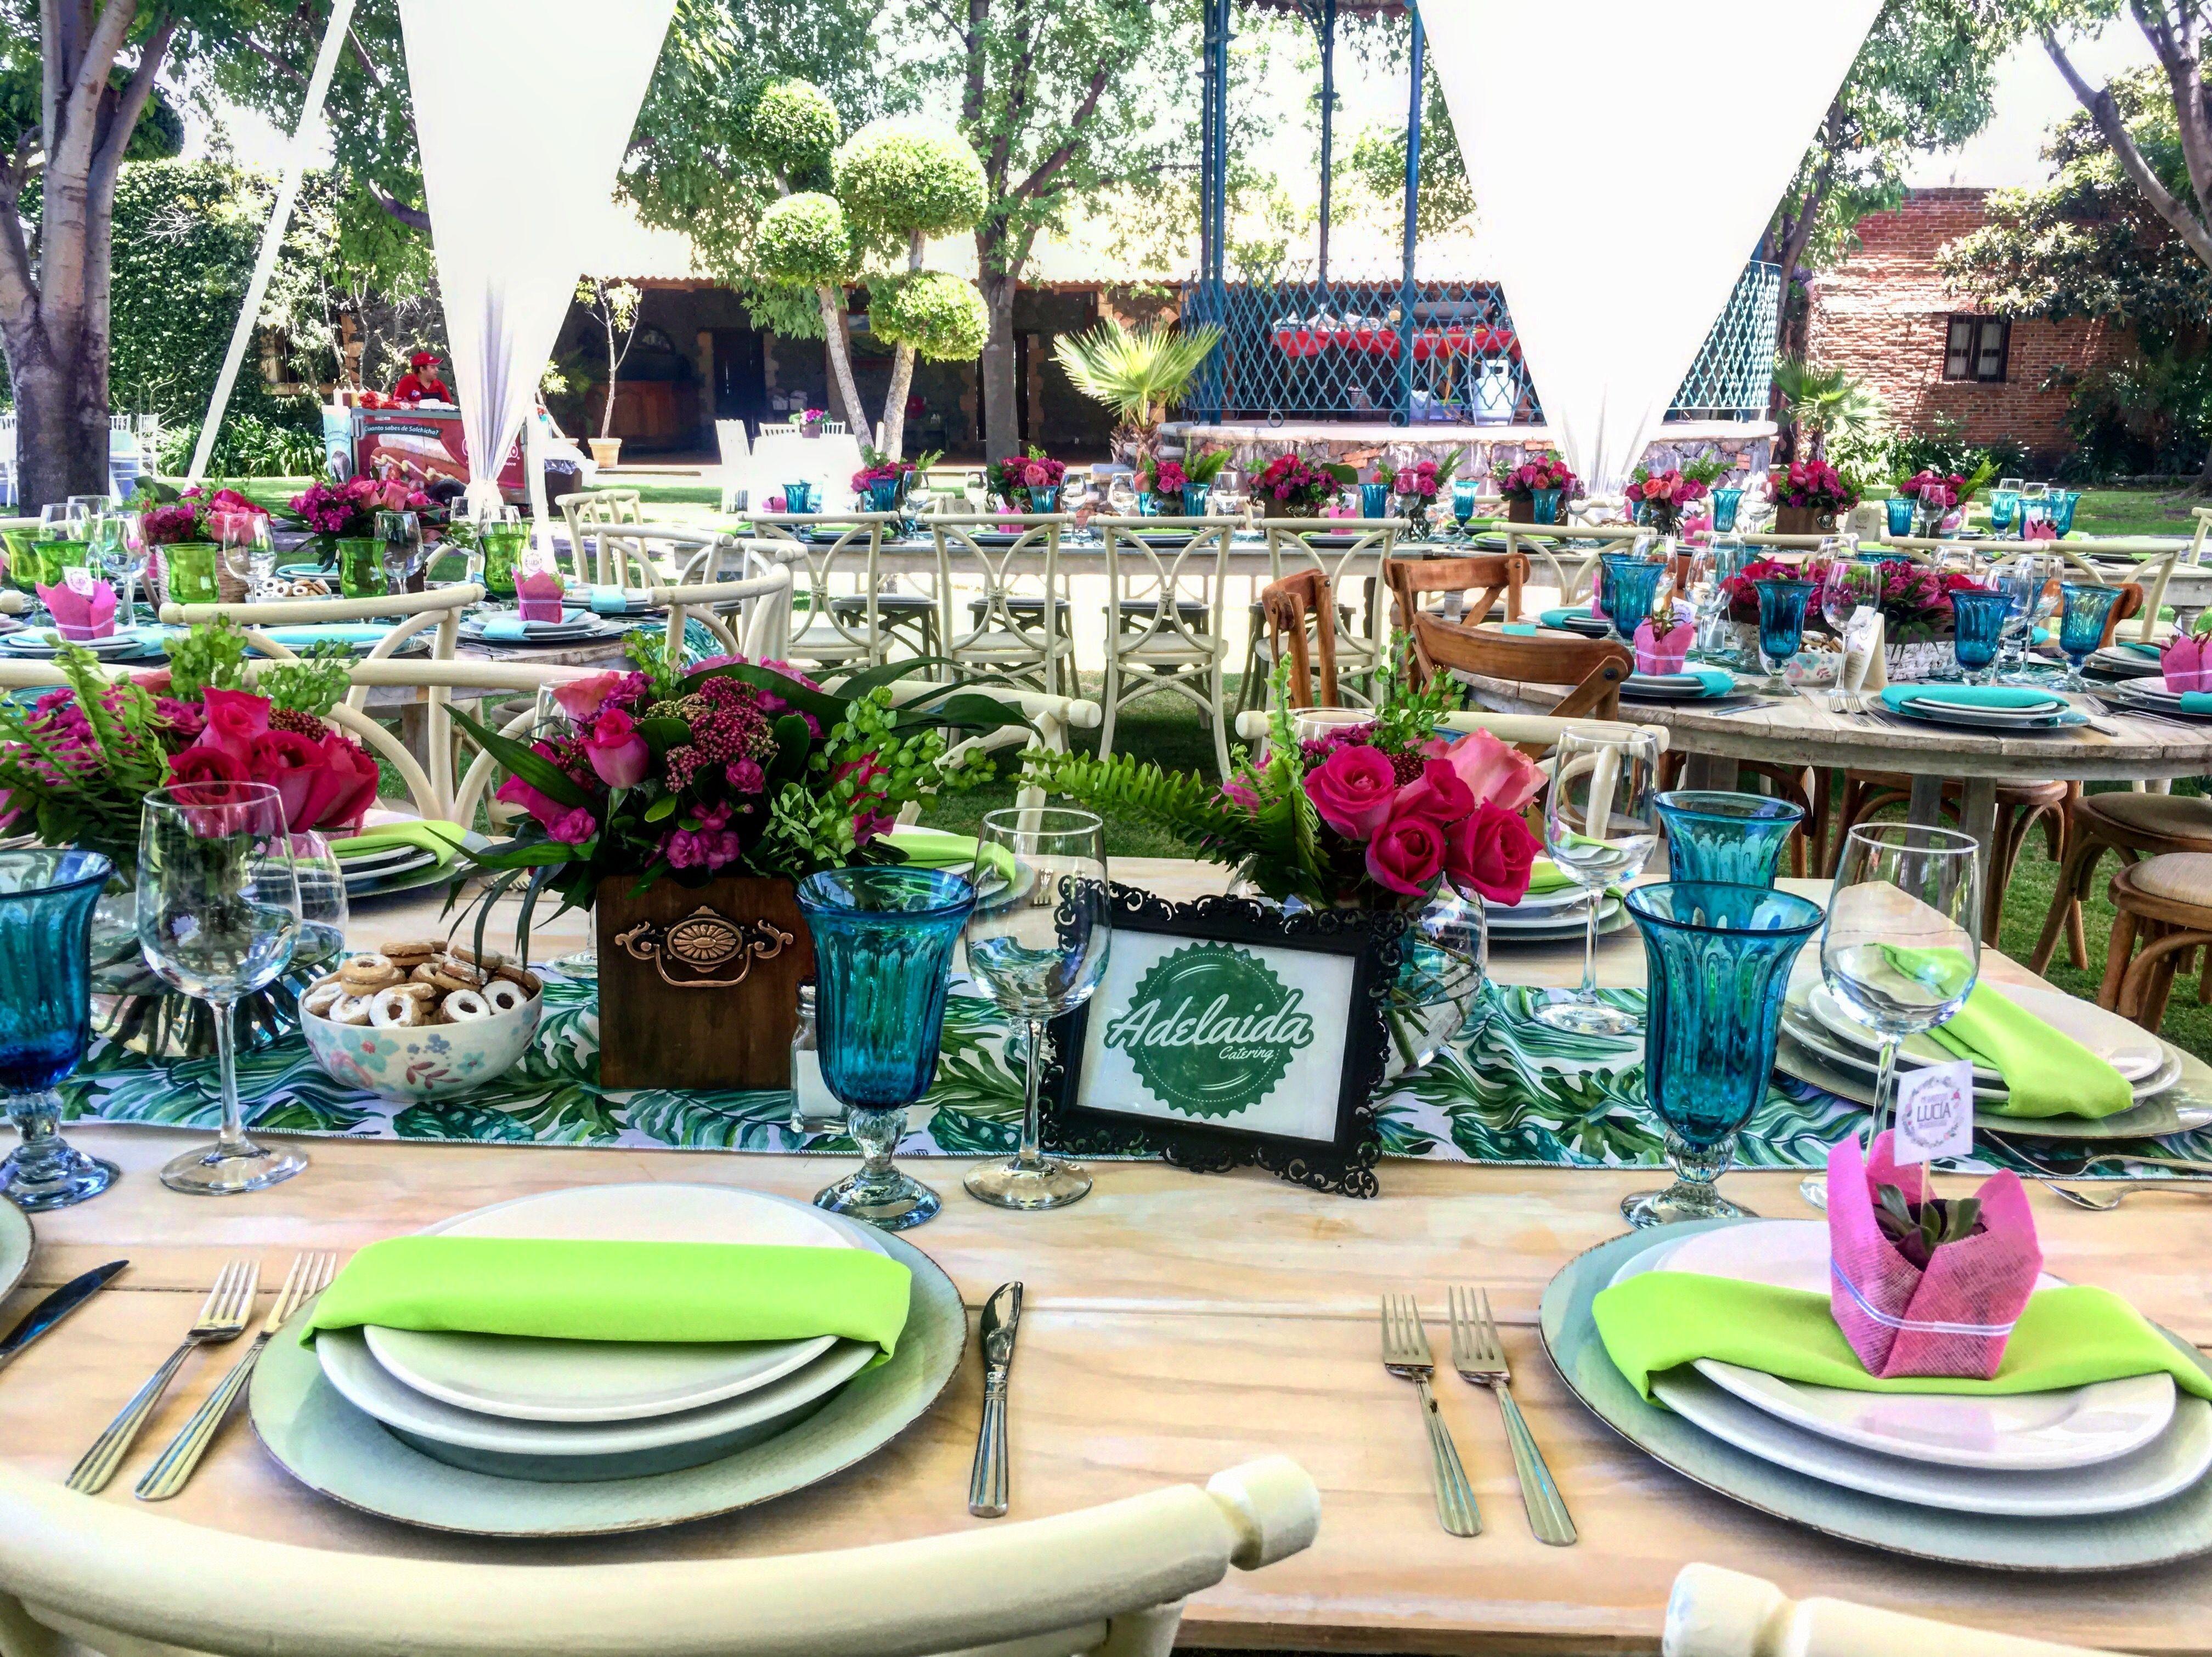 #catering #tablesetting #tablesettingideas  #banquetes #fiesta #montaje #mobiliario #cateringevent #party #eventosqueretaro